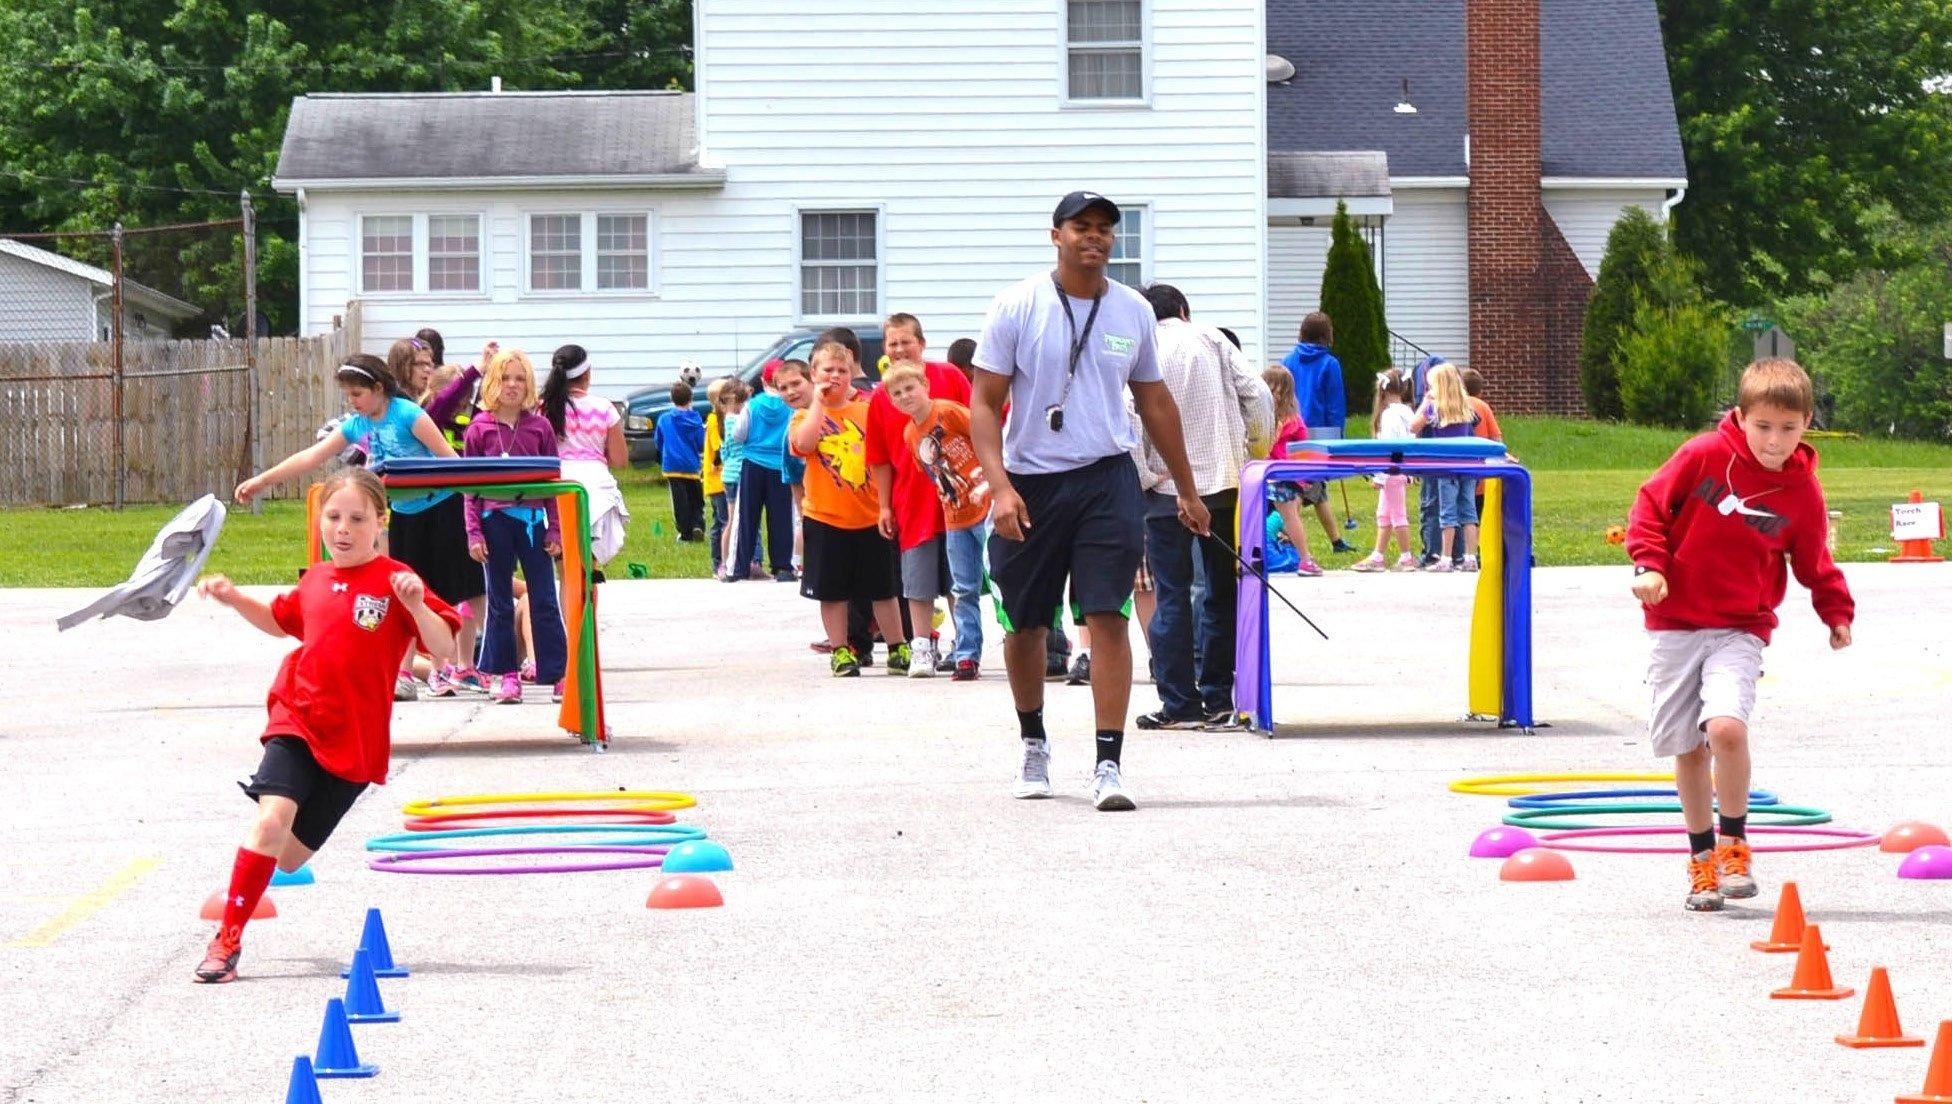 10 Stylish Elementary School Field Day Ideas whittier fun field day shelby county post 2020